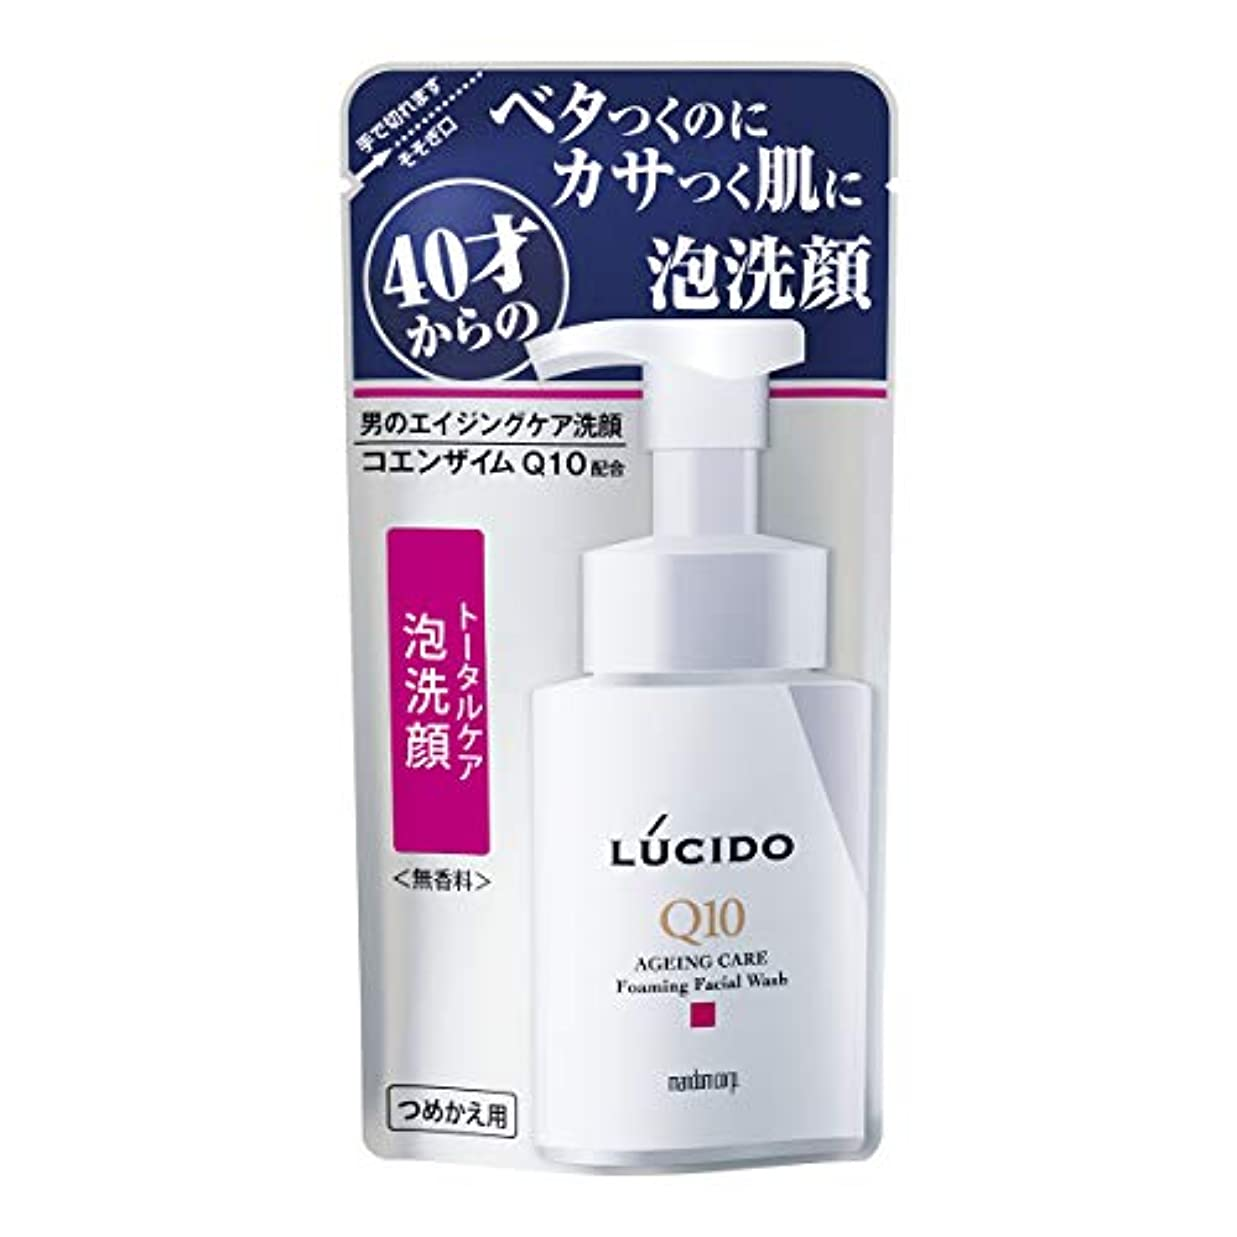 熱心剃る絶縁するLUCIDO(ルシード) トータルケア泡洗顔 つめかえ用 Q10 130mL